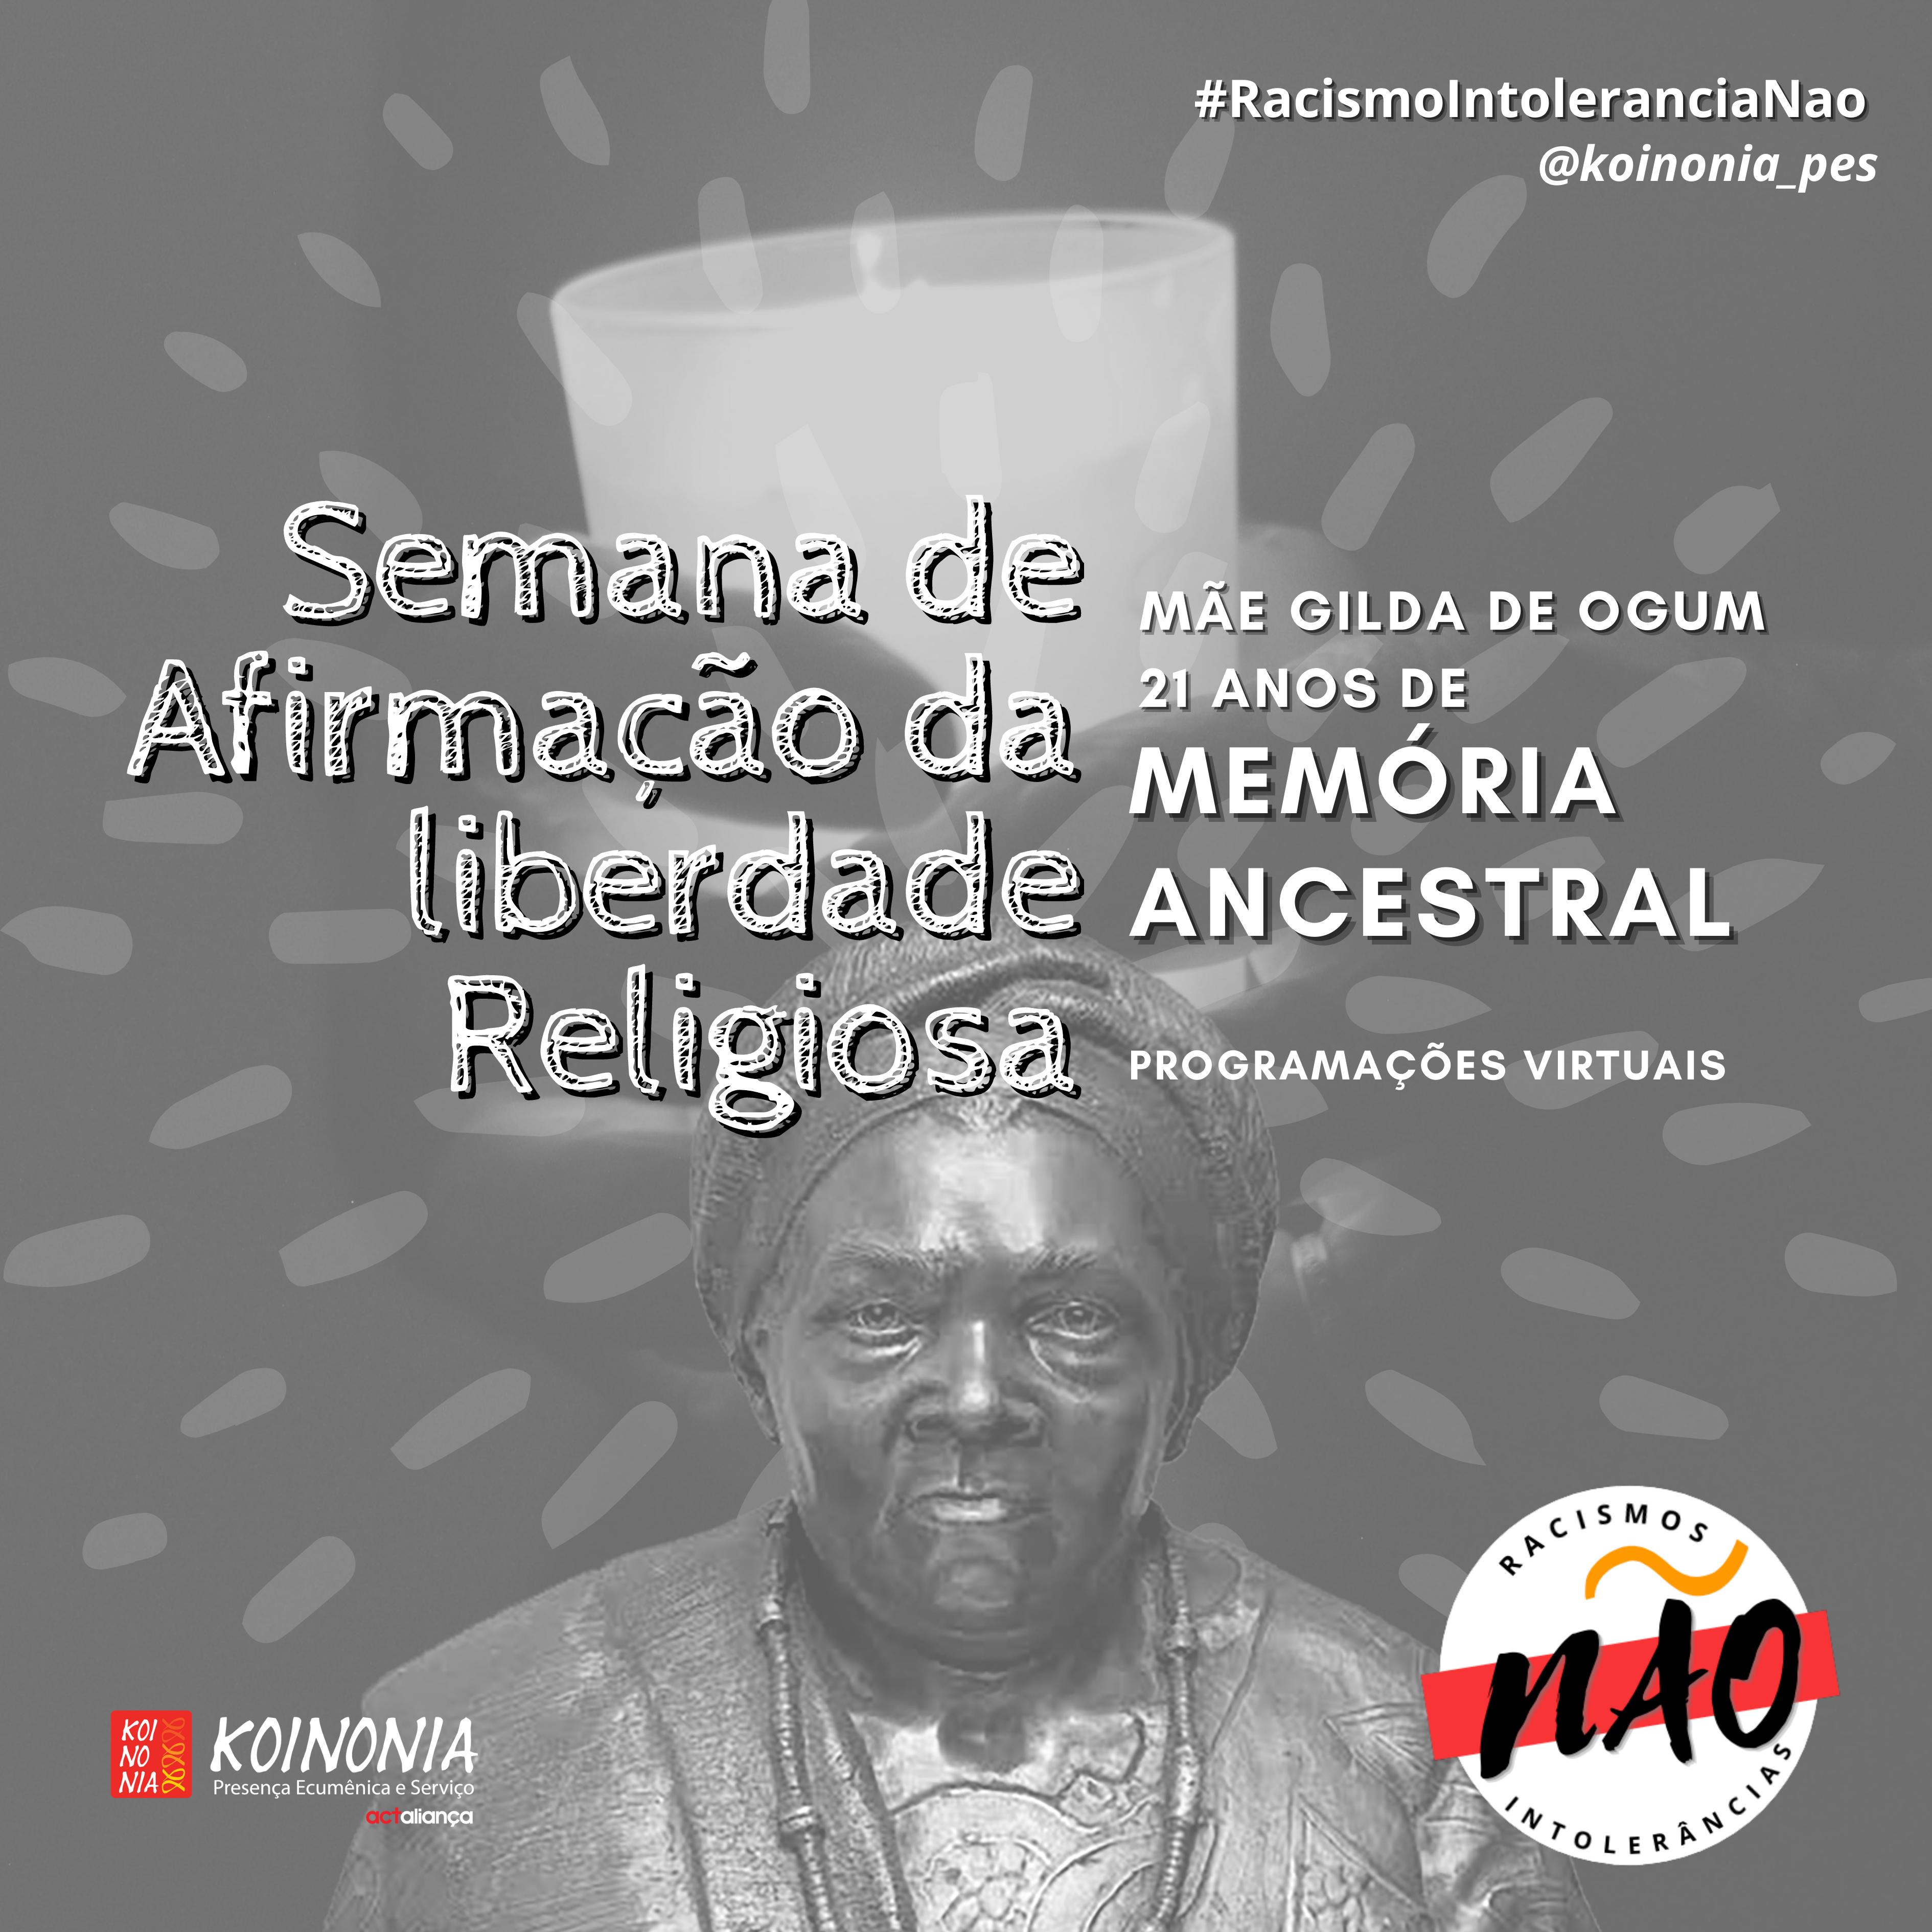 21 anos do 21 de janeiro: e a memória ancestral de Mãe Gilda de Ogum segue viva!